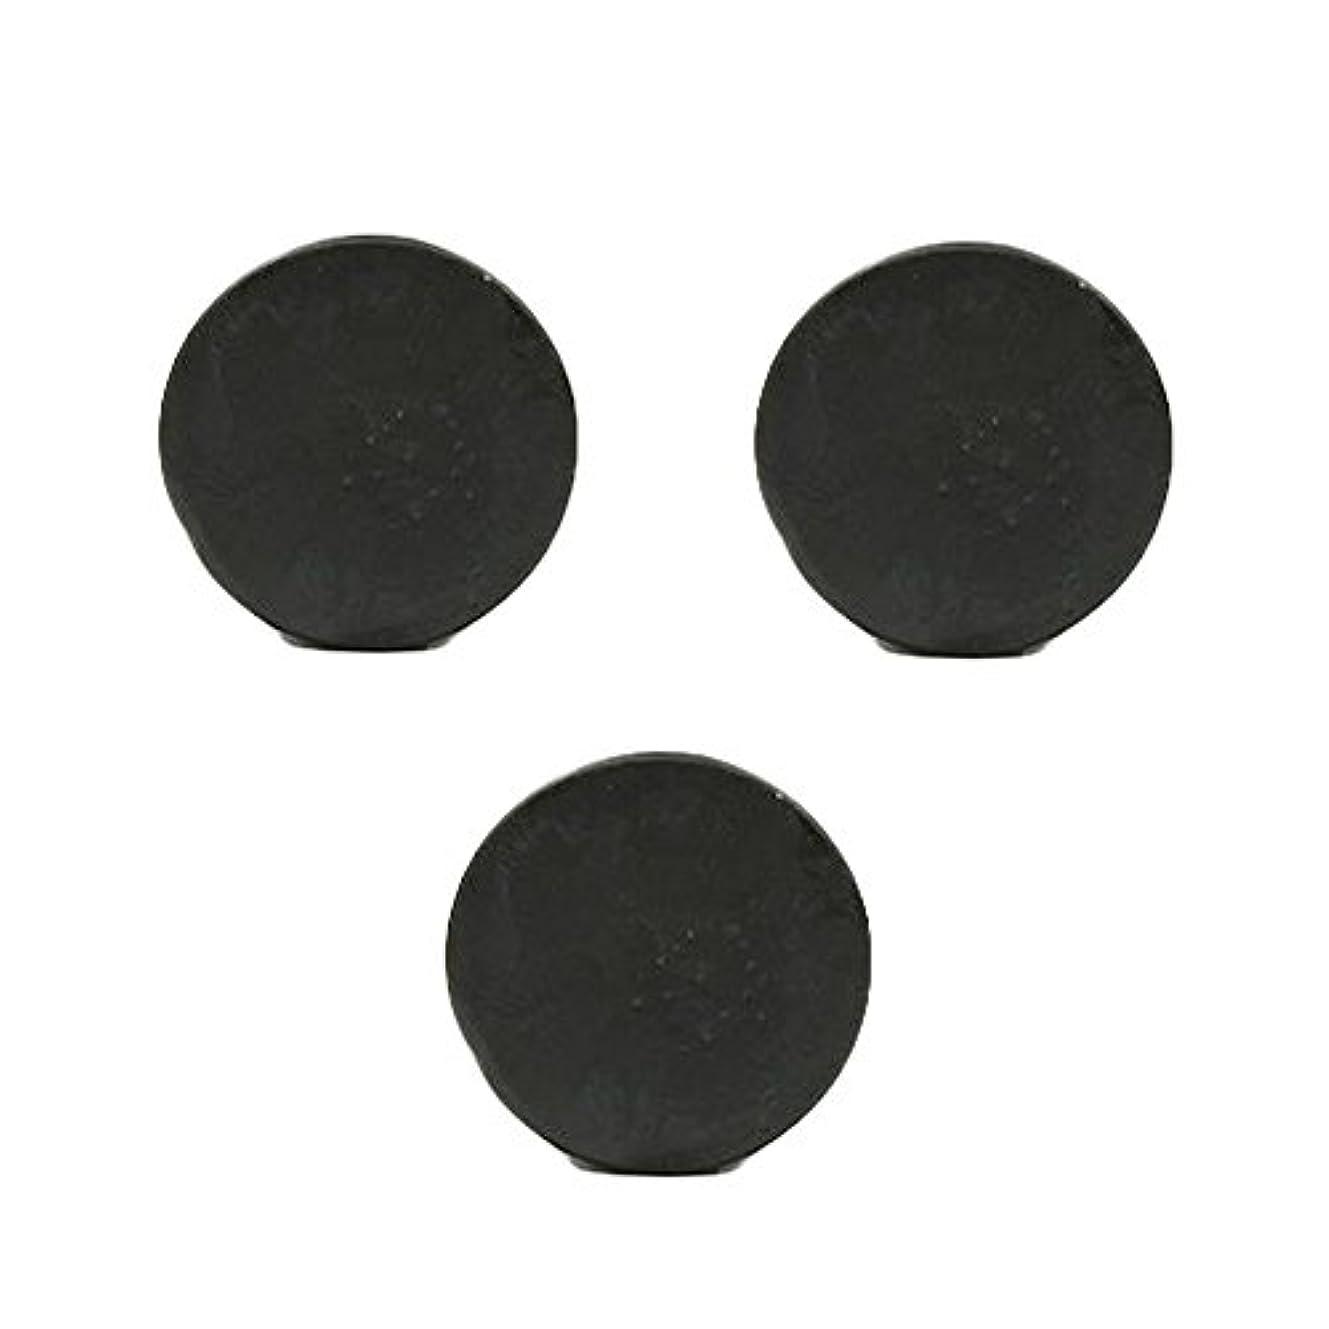 最少タバコユニークな薬用人参クレンジングソープ3個 / Fermented Dark Black Ginseng Cleansing Soap 3pcs[海外直送品] [並行輸入品]